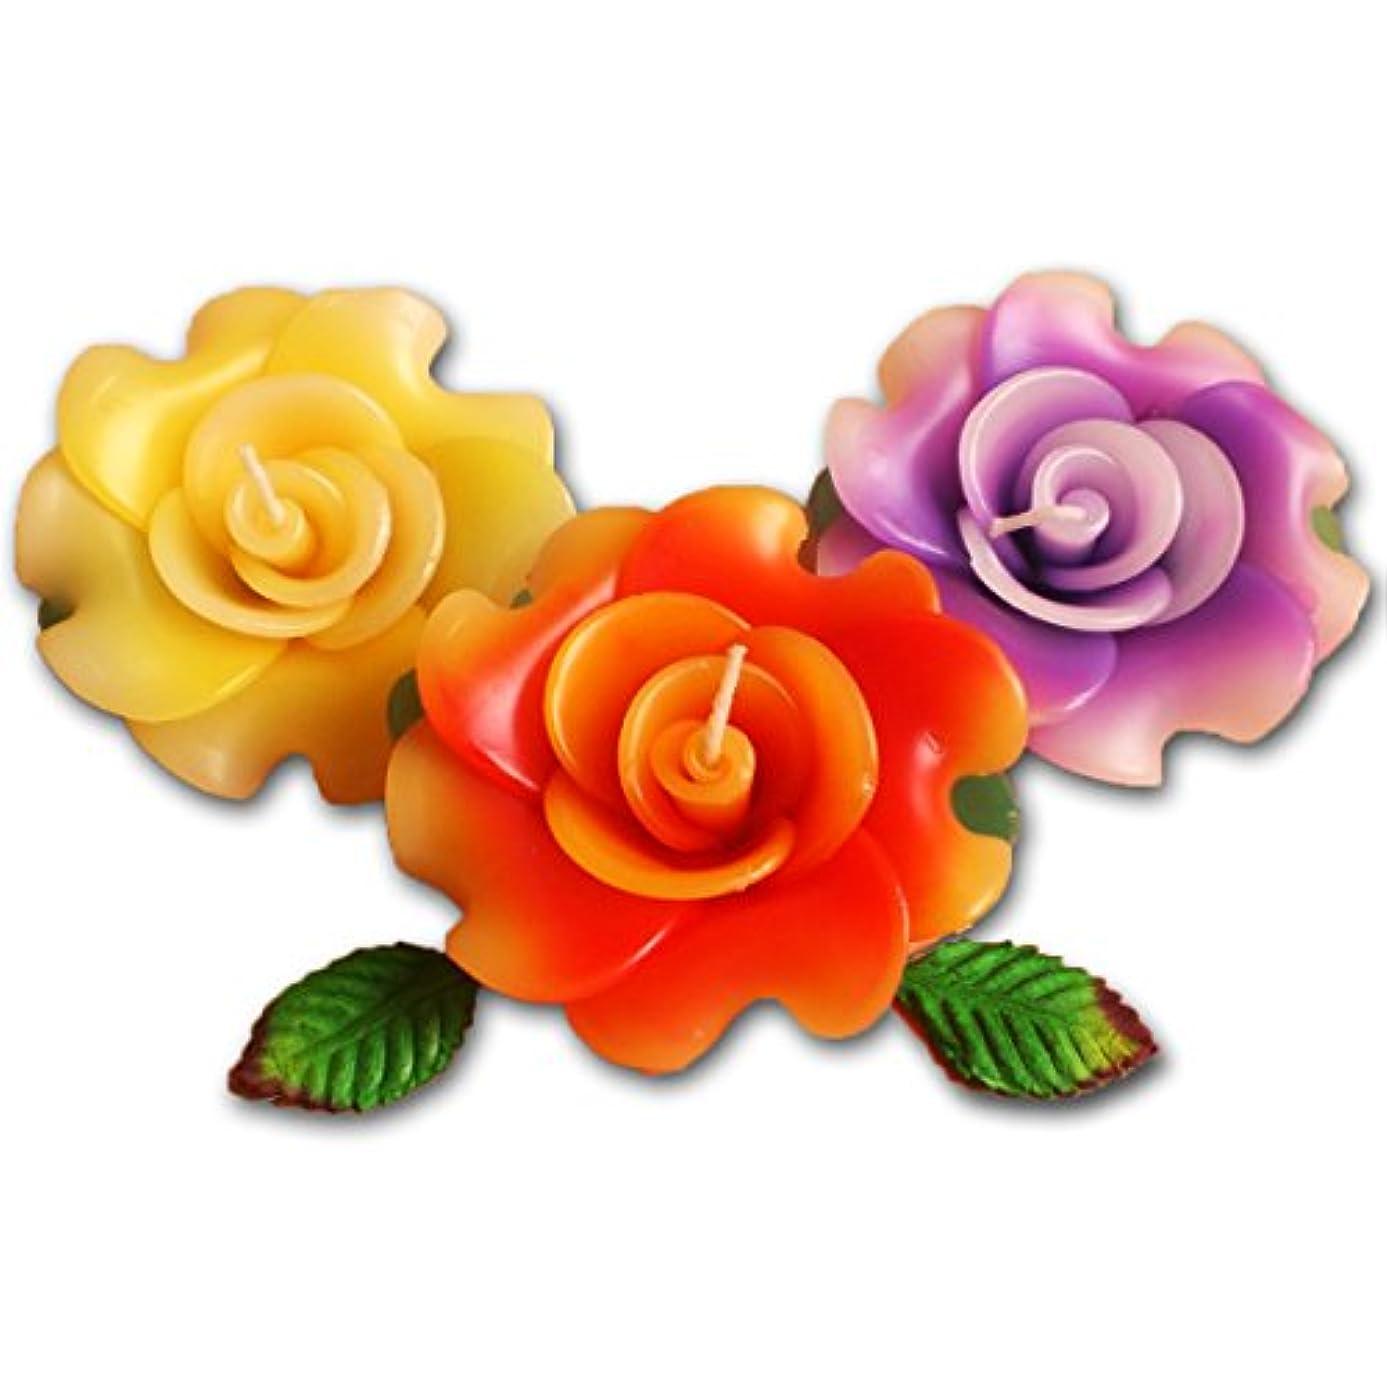 不適切な脅かすアクセスできないフローティングキャンドル ローズ薔薇 12個入り アソート 香りつきアロマキャンドル 水に浮かぶ 退職ギフト 結婚式二次会プチギフト (12個入り)